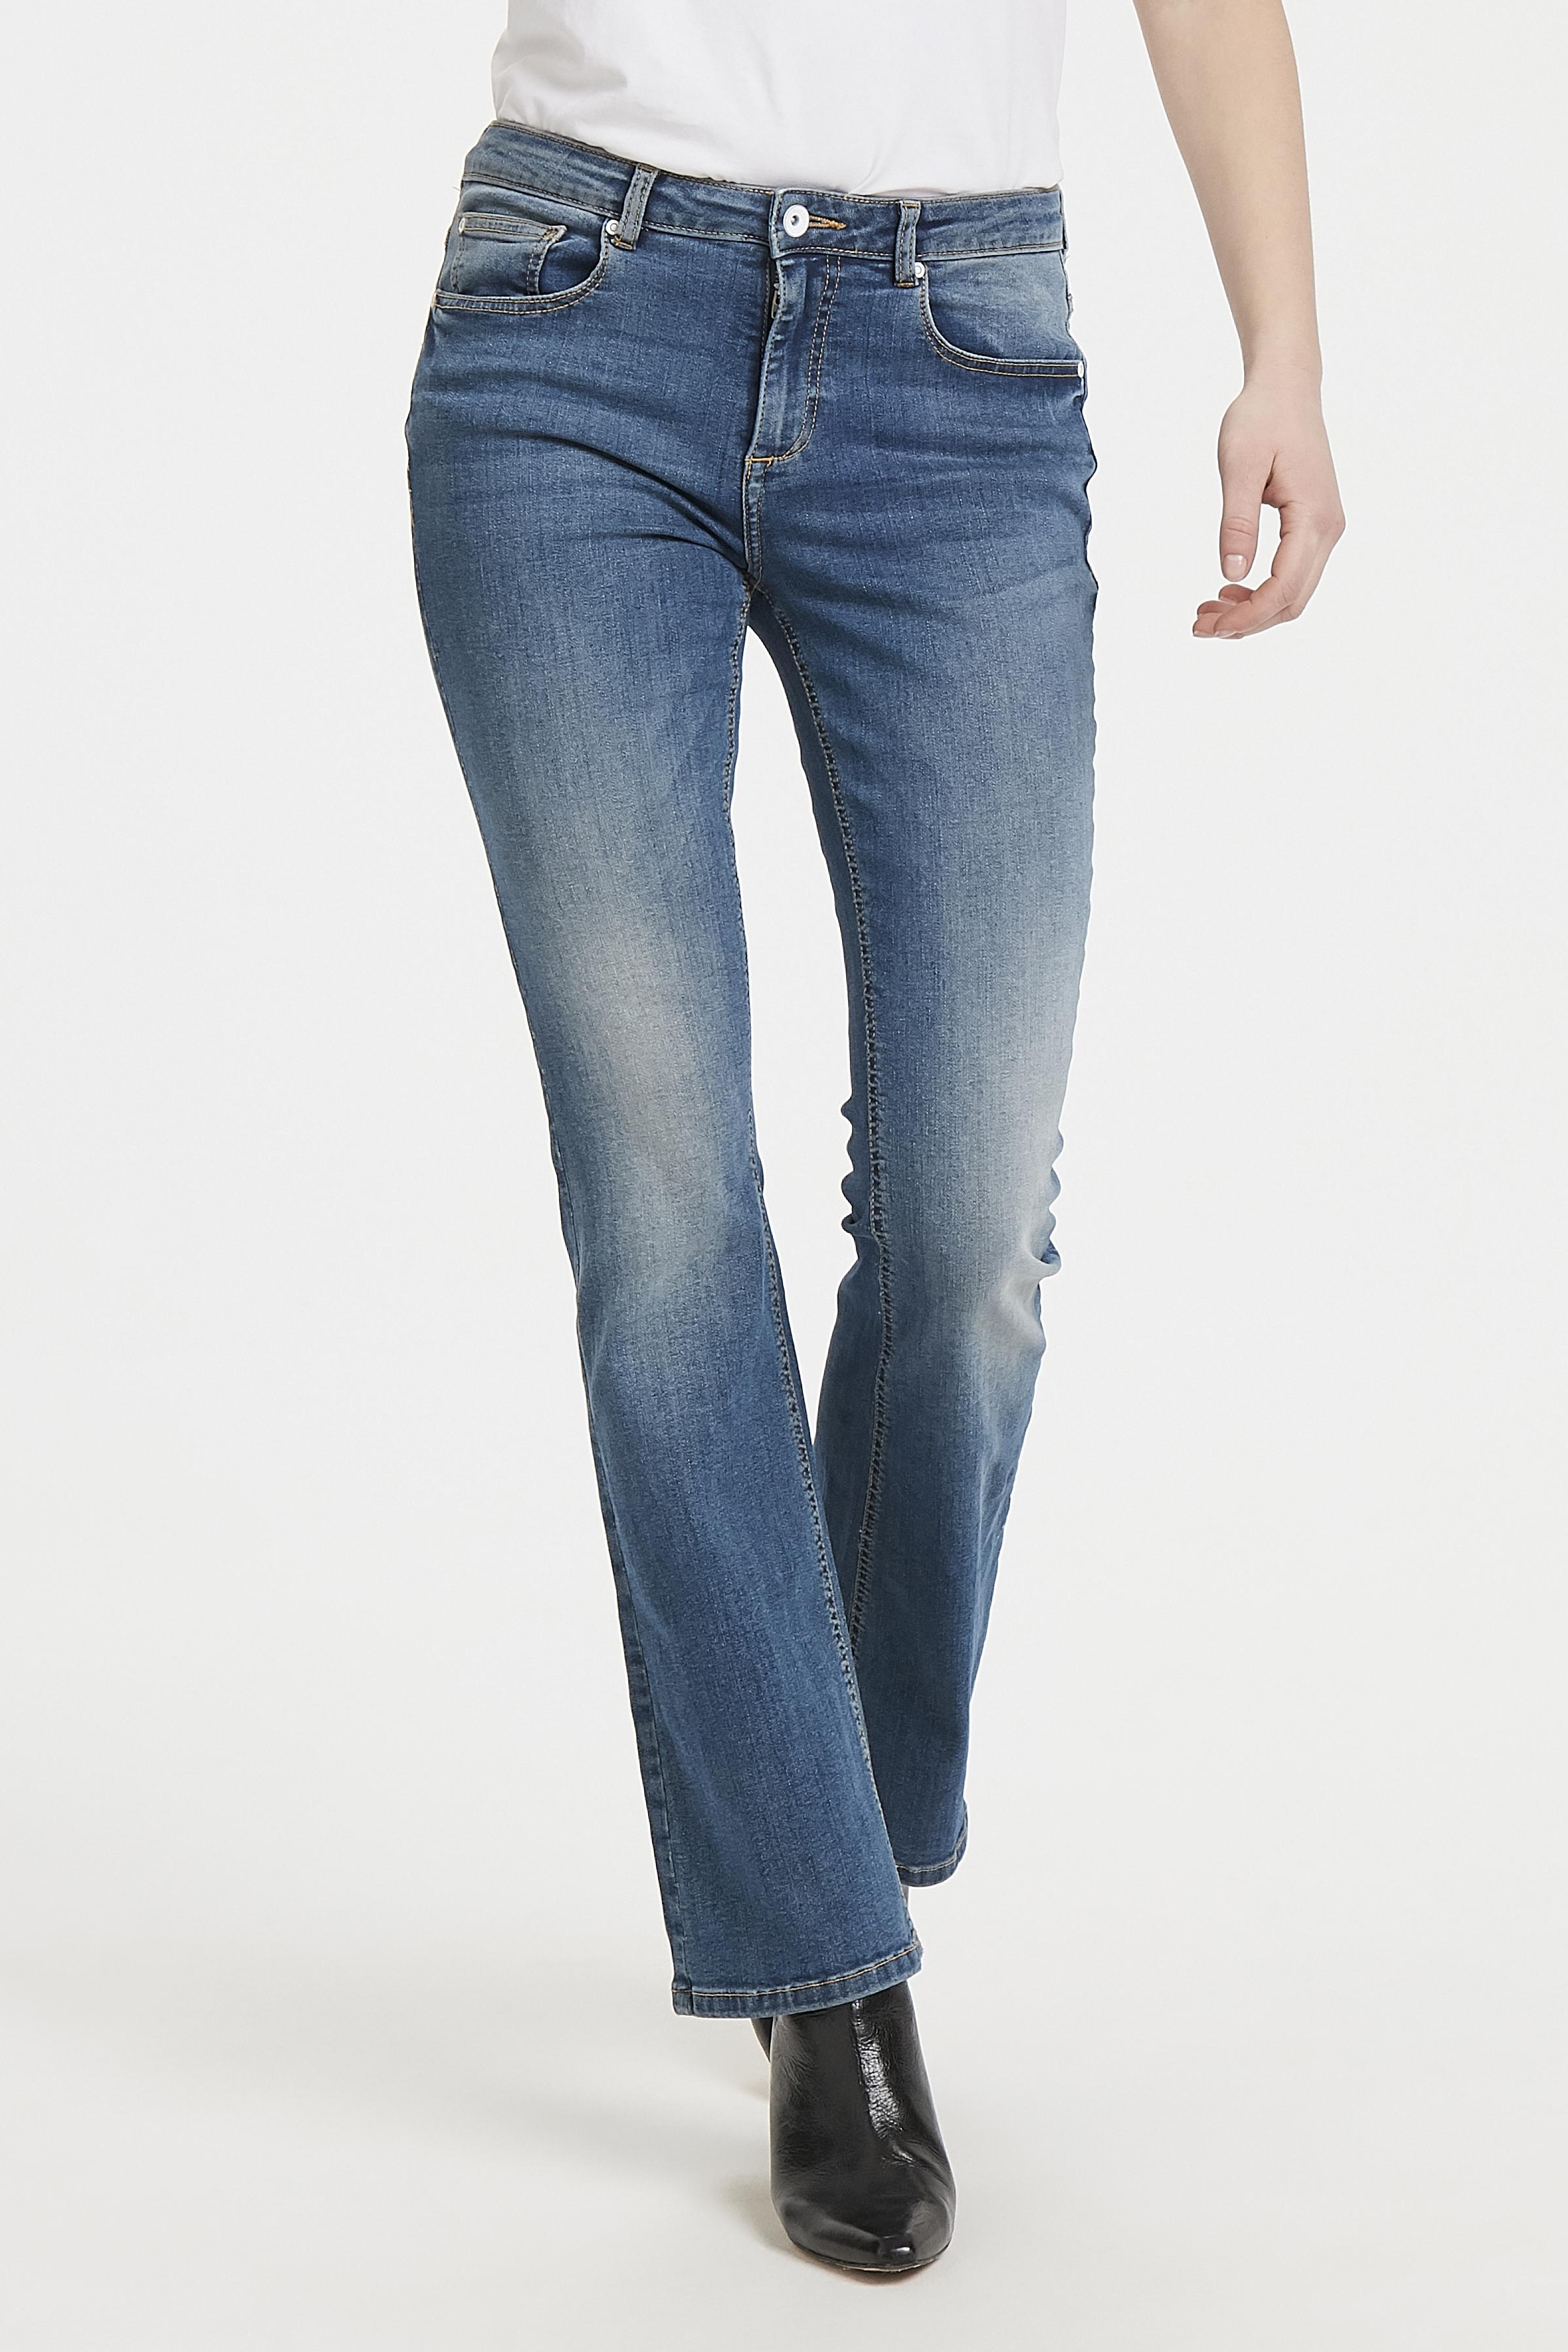 Indigo Blue Jeans fra b.young – Køb Indigo Blue Jeans fra str. 25-36 her